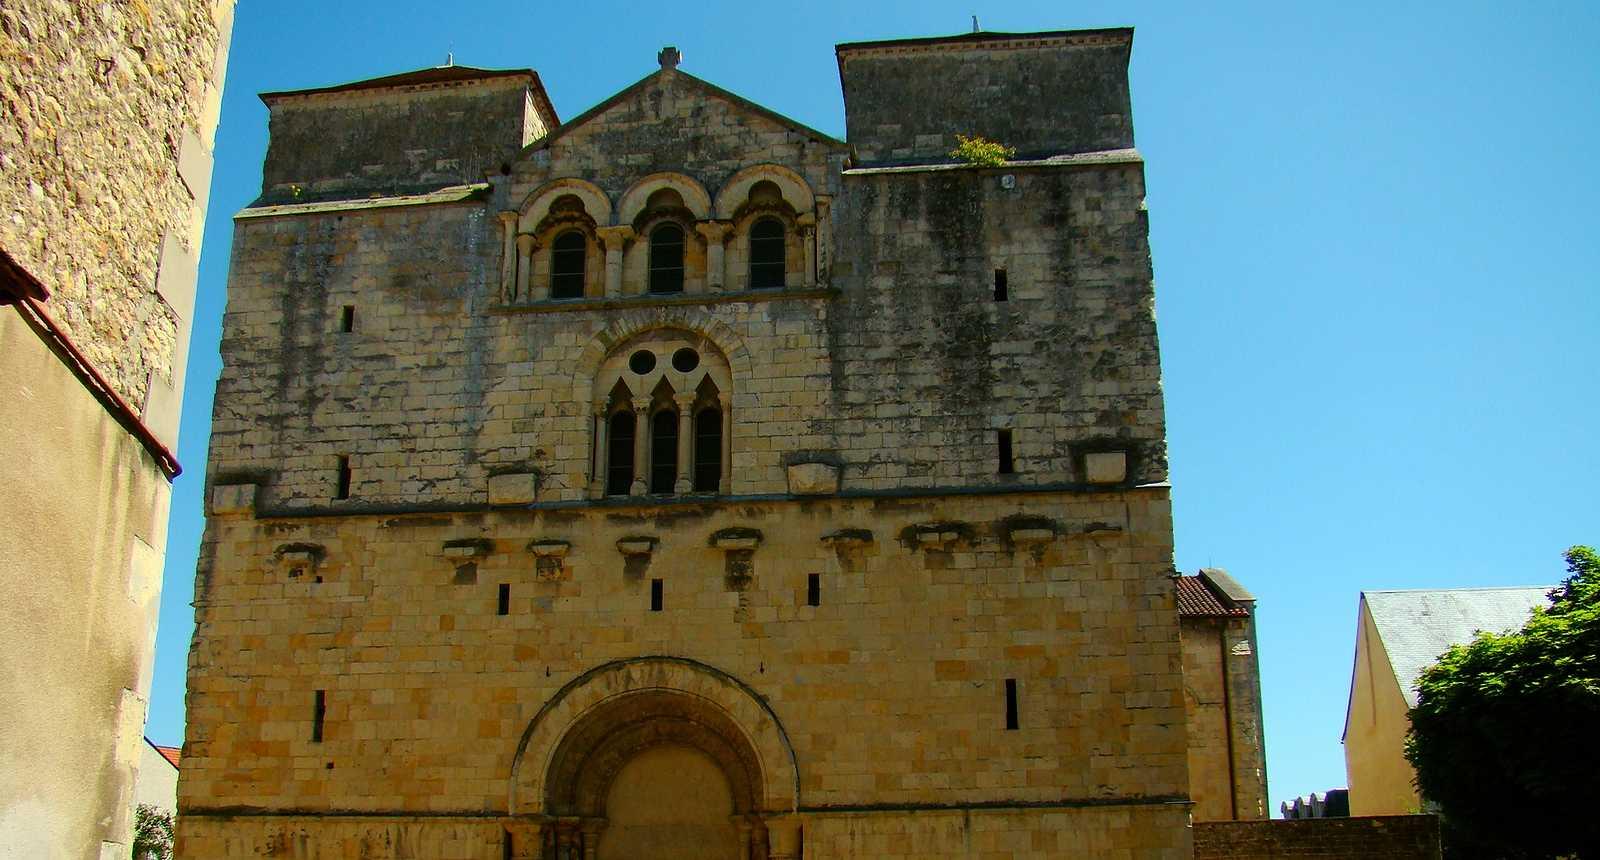 Eglise Saint-Etienne de Nevers